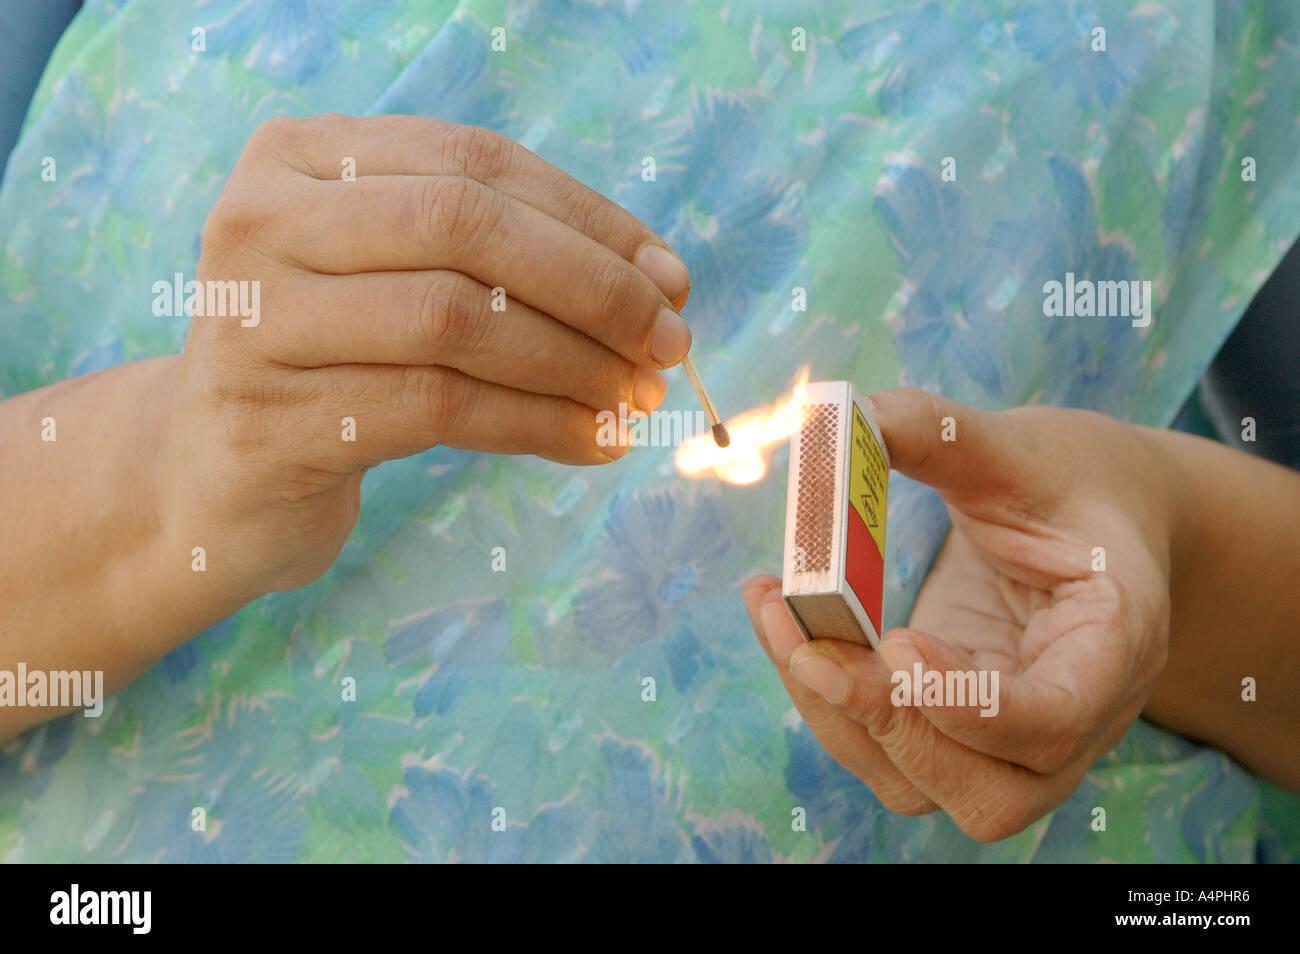 ANG77747 Lighting a match stick by rubbing hard by women on match box - Stock Image